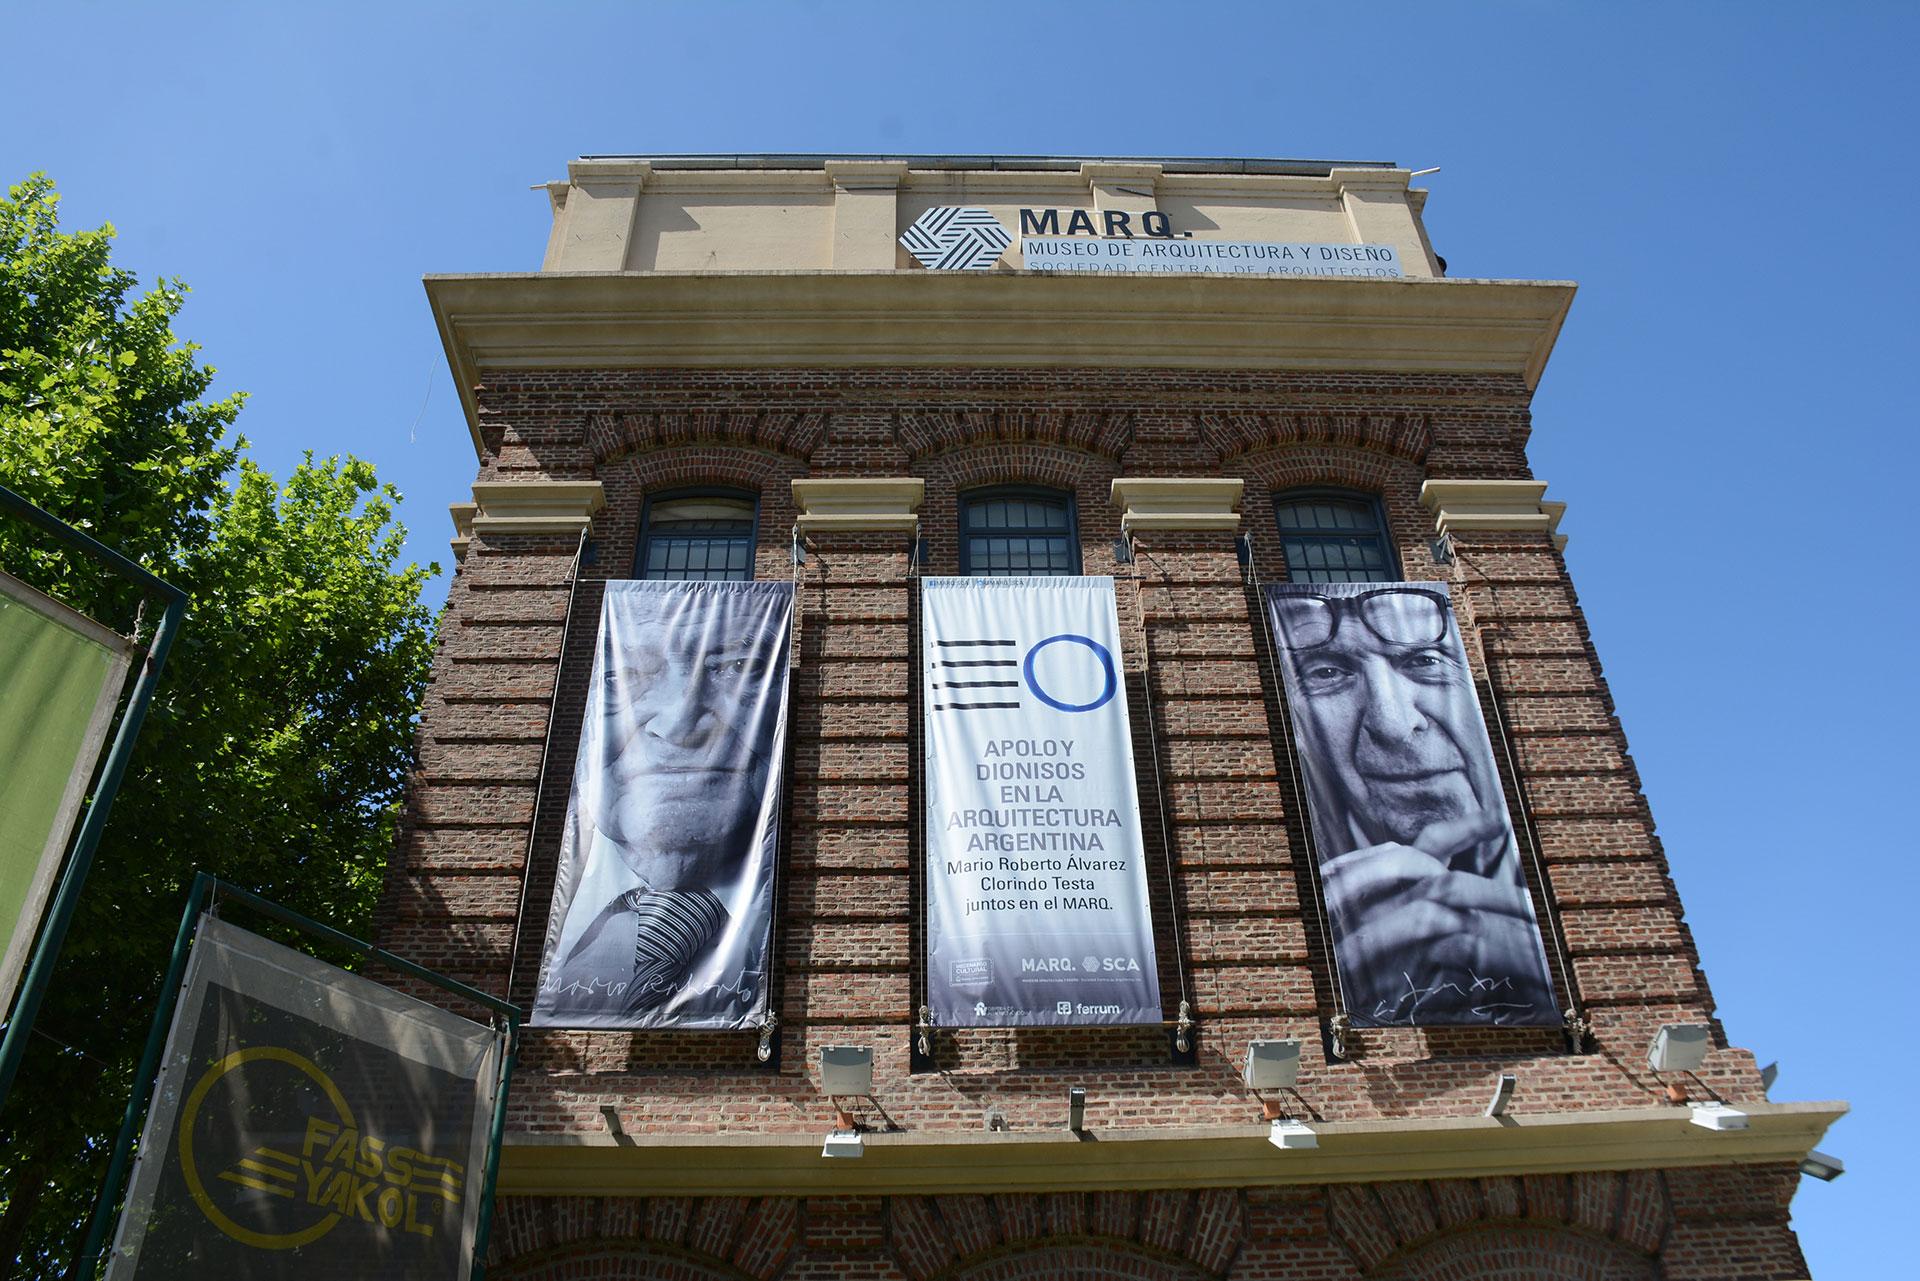 El MARQ abrió al público en diciembre de 2000. Pertenece a la SCA y es el primer y único Museo de Arquitectura y Diseño de la República Argentina